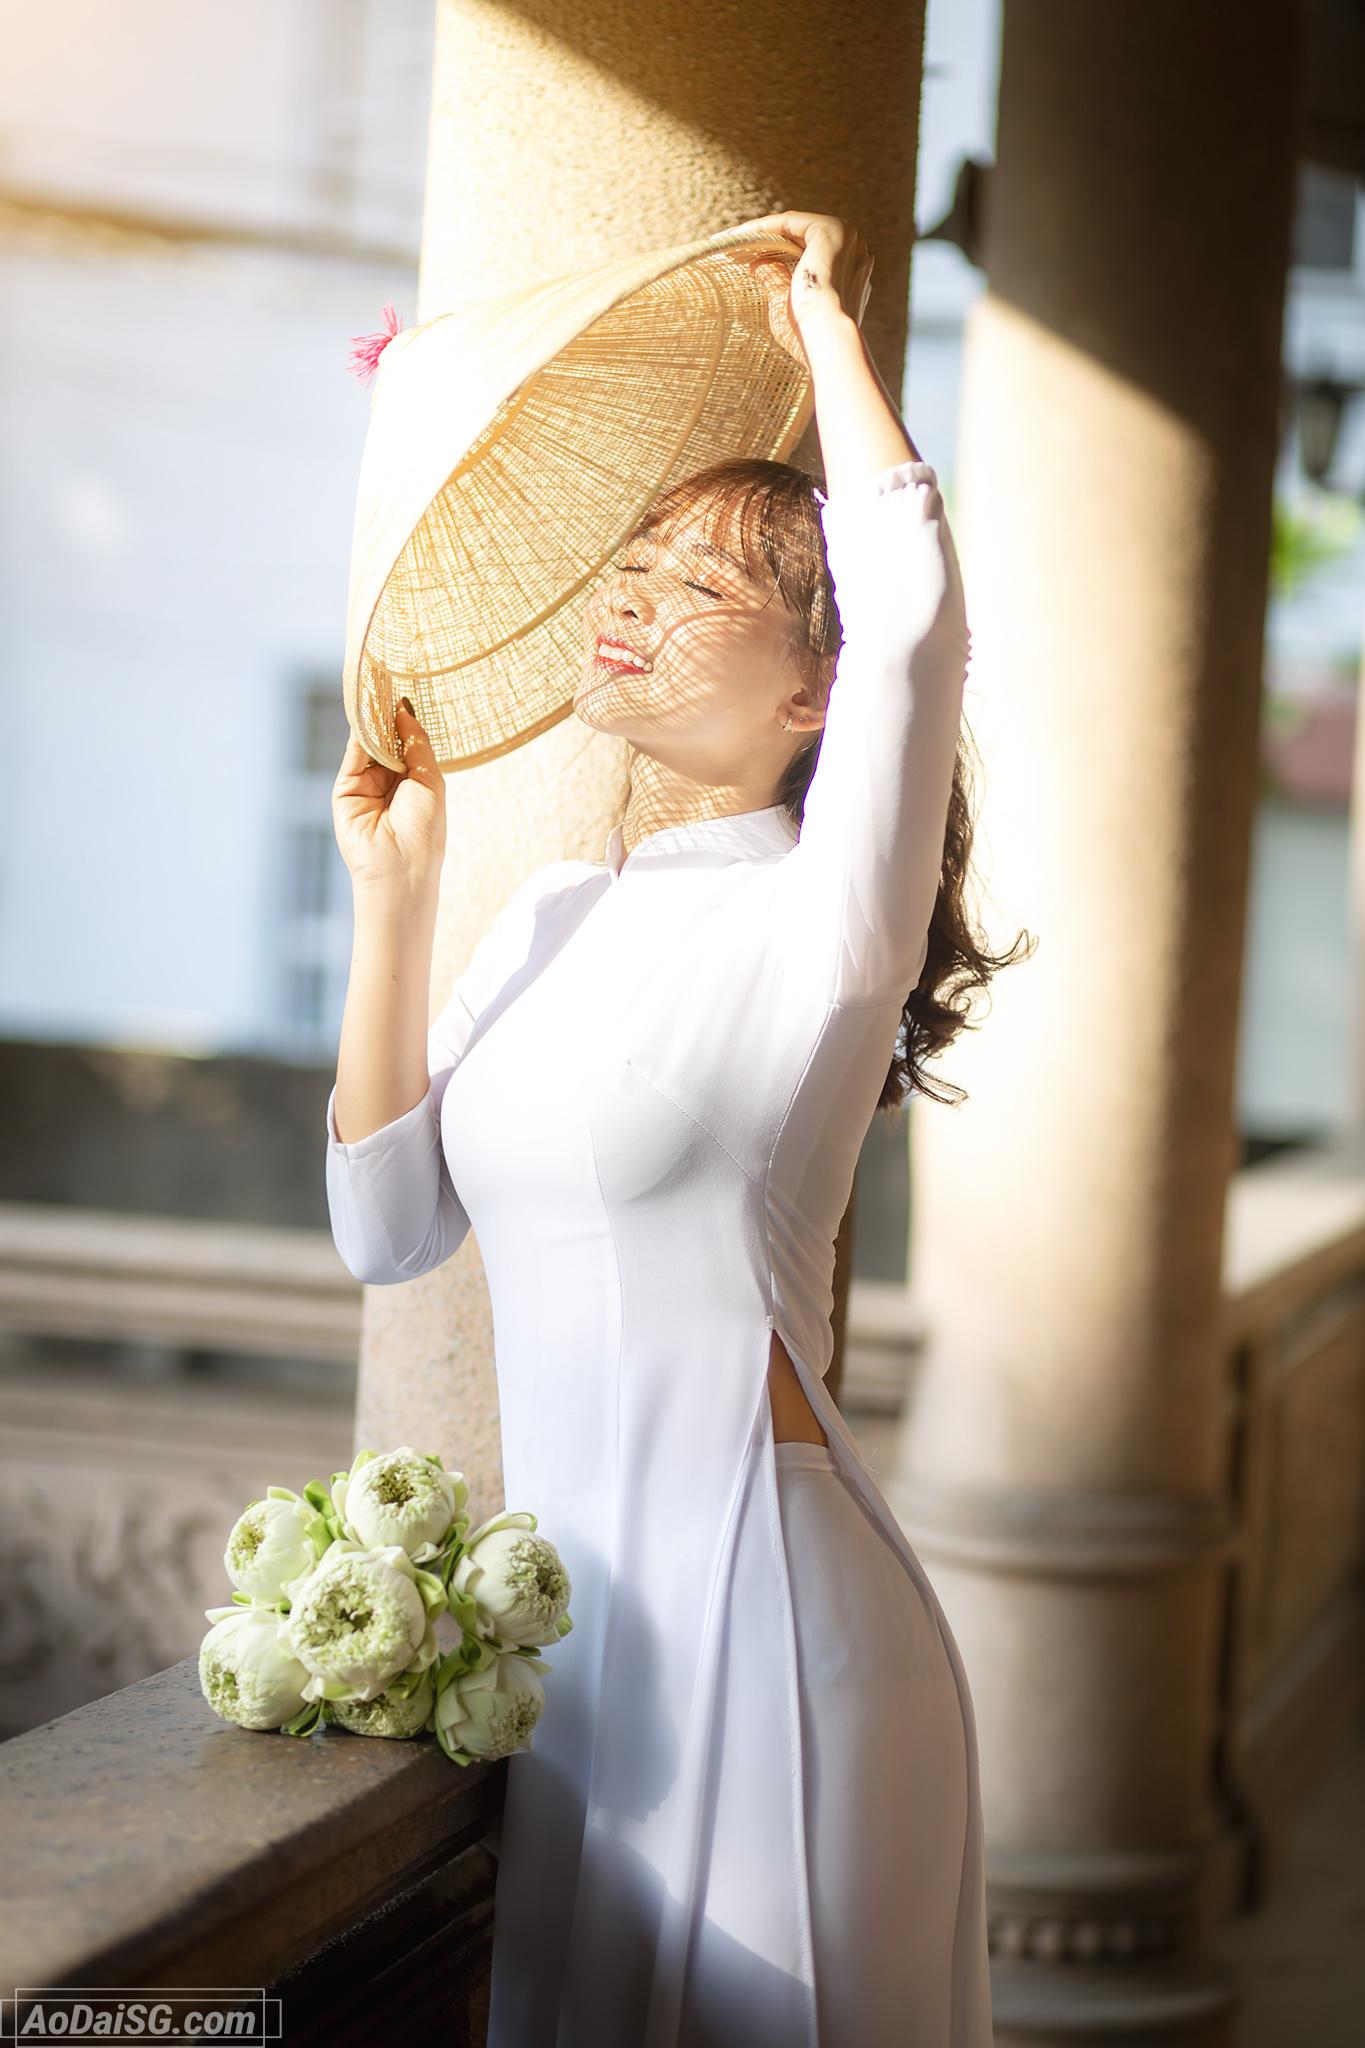 Hình áo dài trắng với nón lá thưa